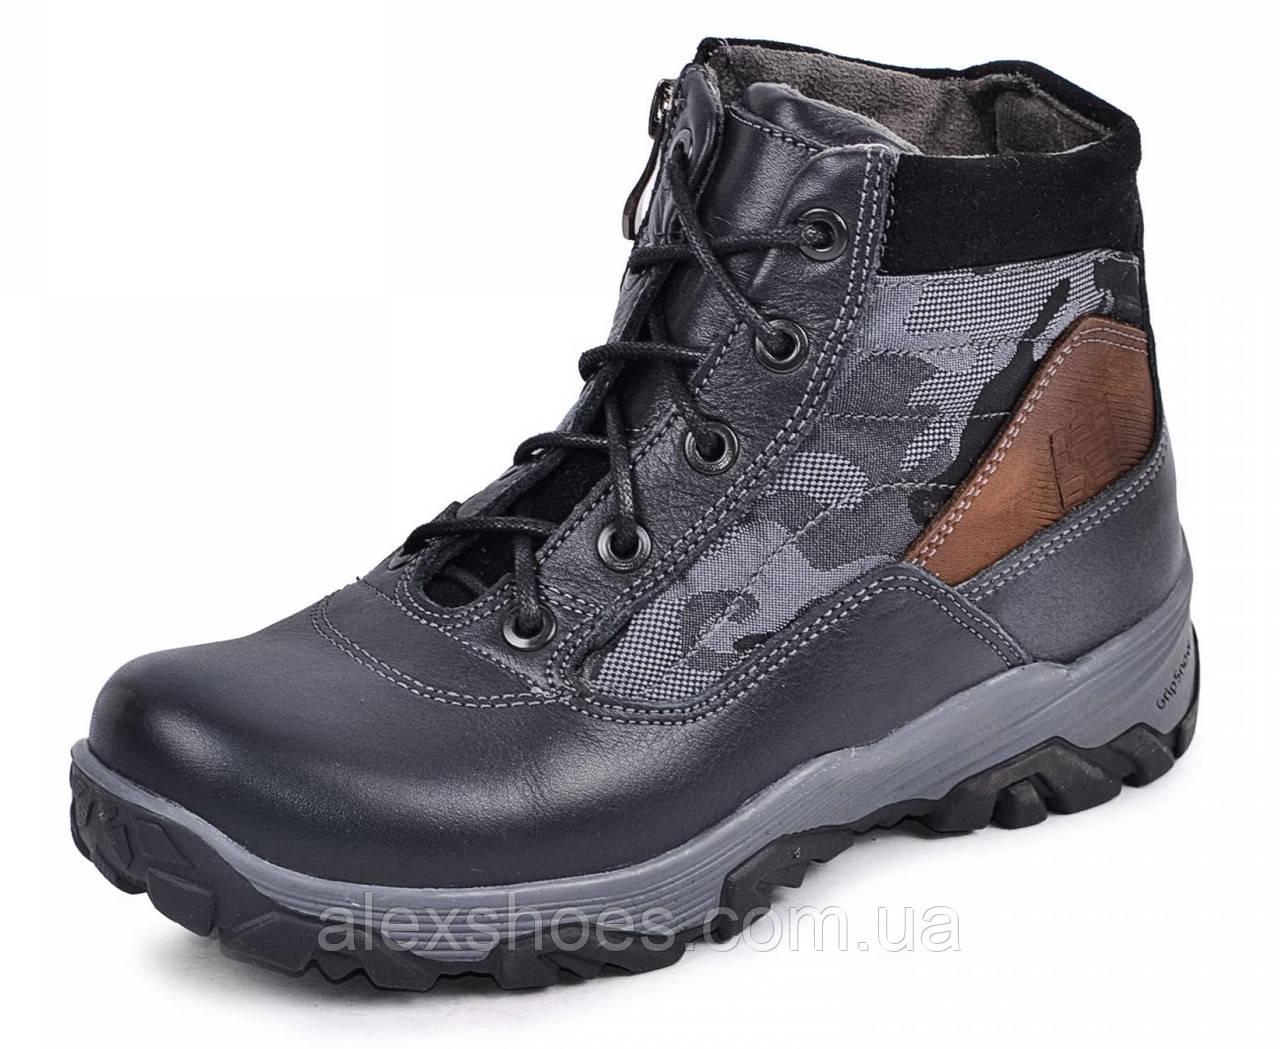 Ботинки подростковые из натуральной кожи от производителя модель МАК759